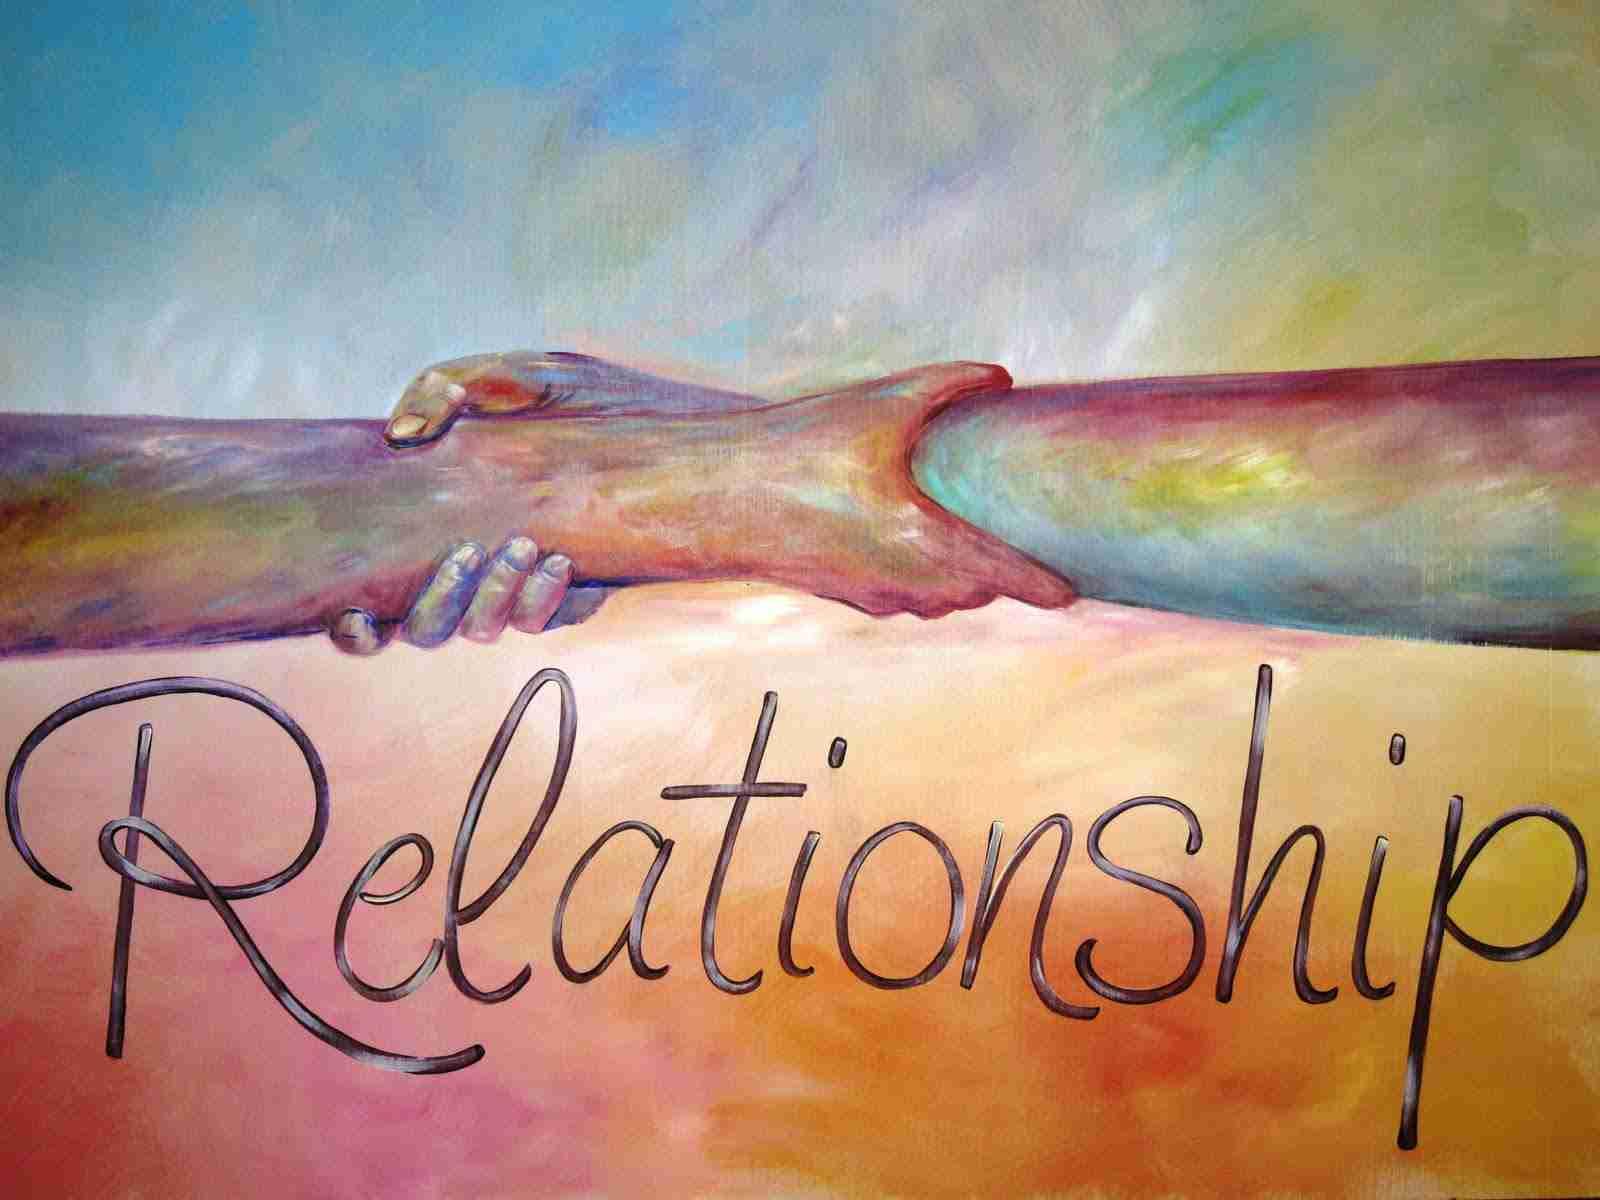 Pasangan Hidup, Memilih Pasangan, Menentukan Pedamping